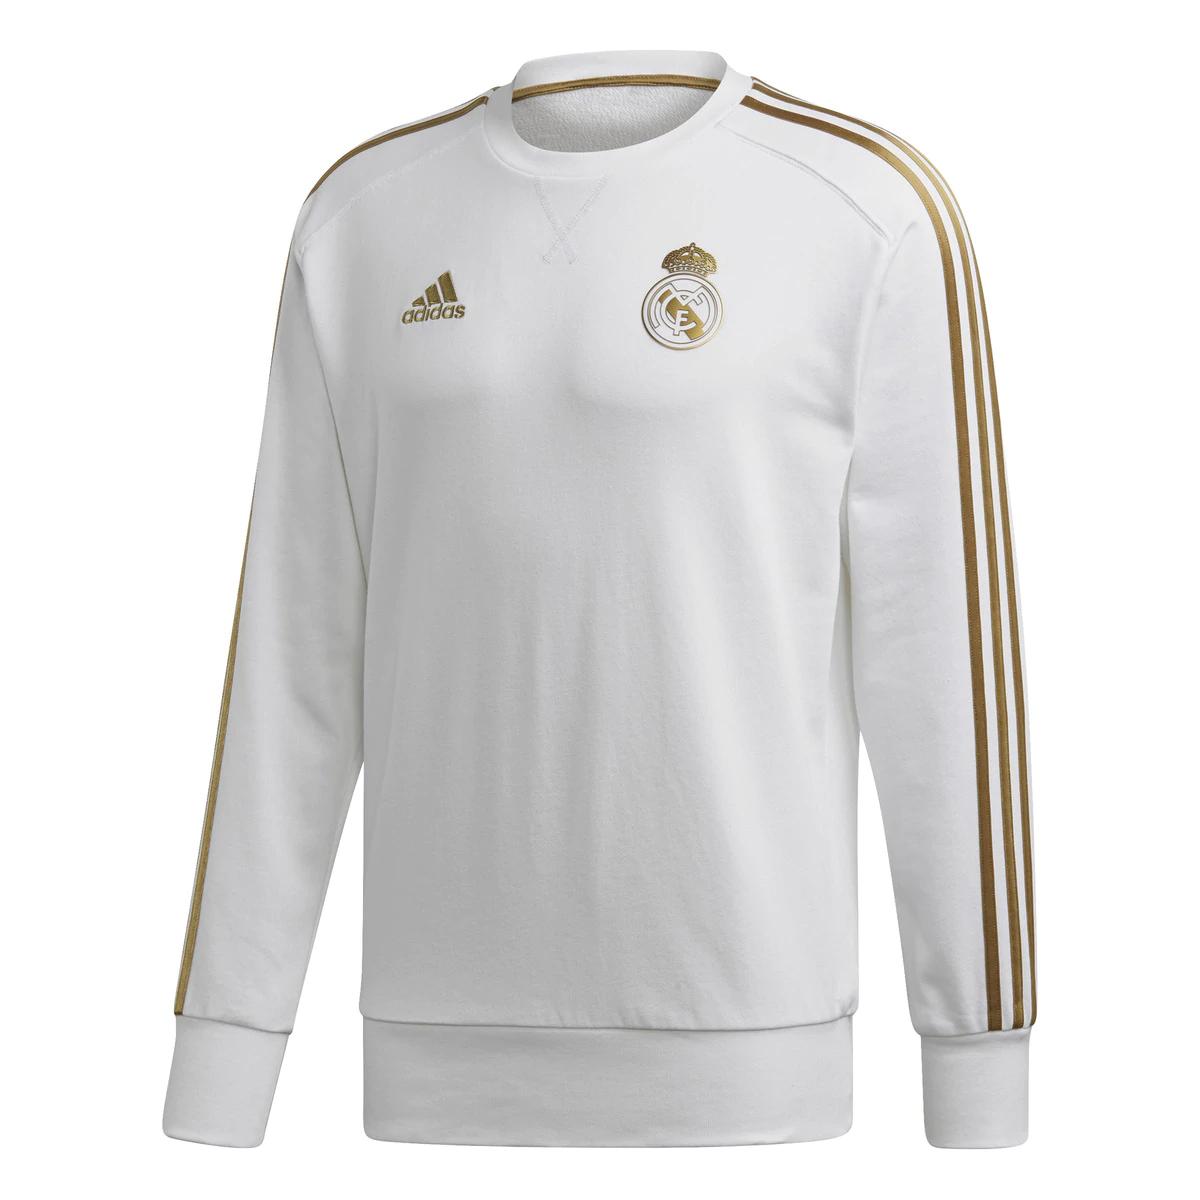 Sudaderas y chaquetas Adidas Real Madrid 19-20